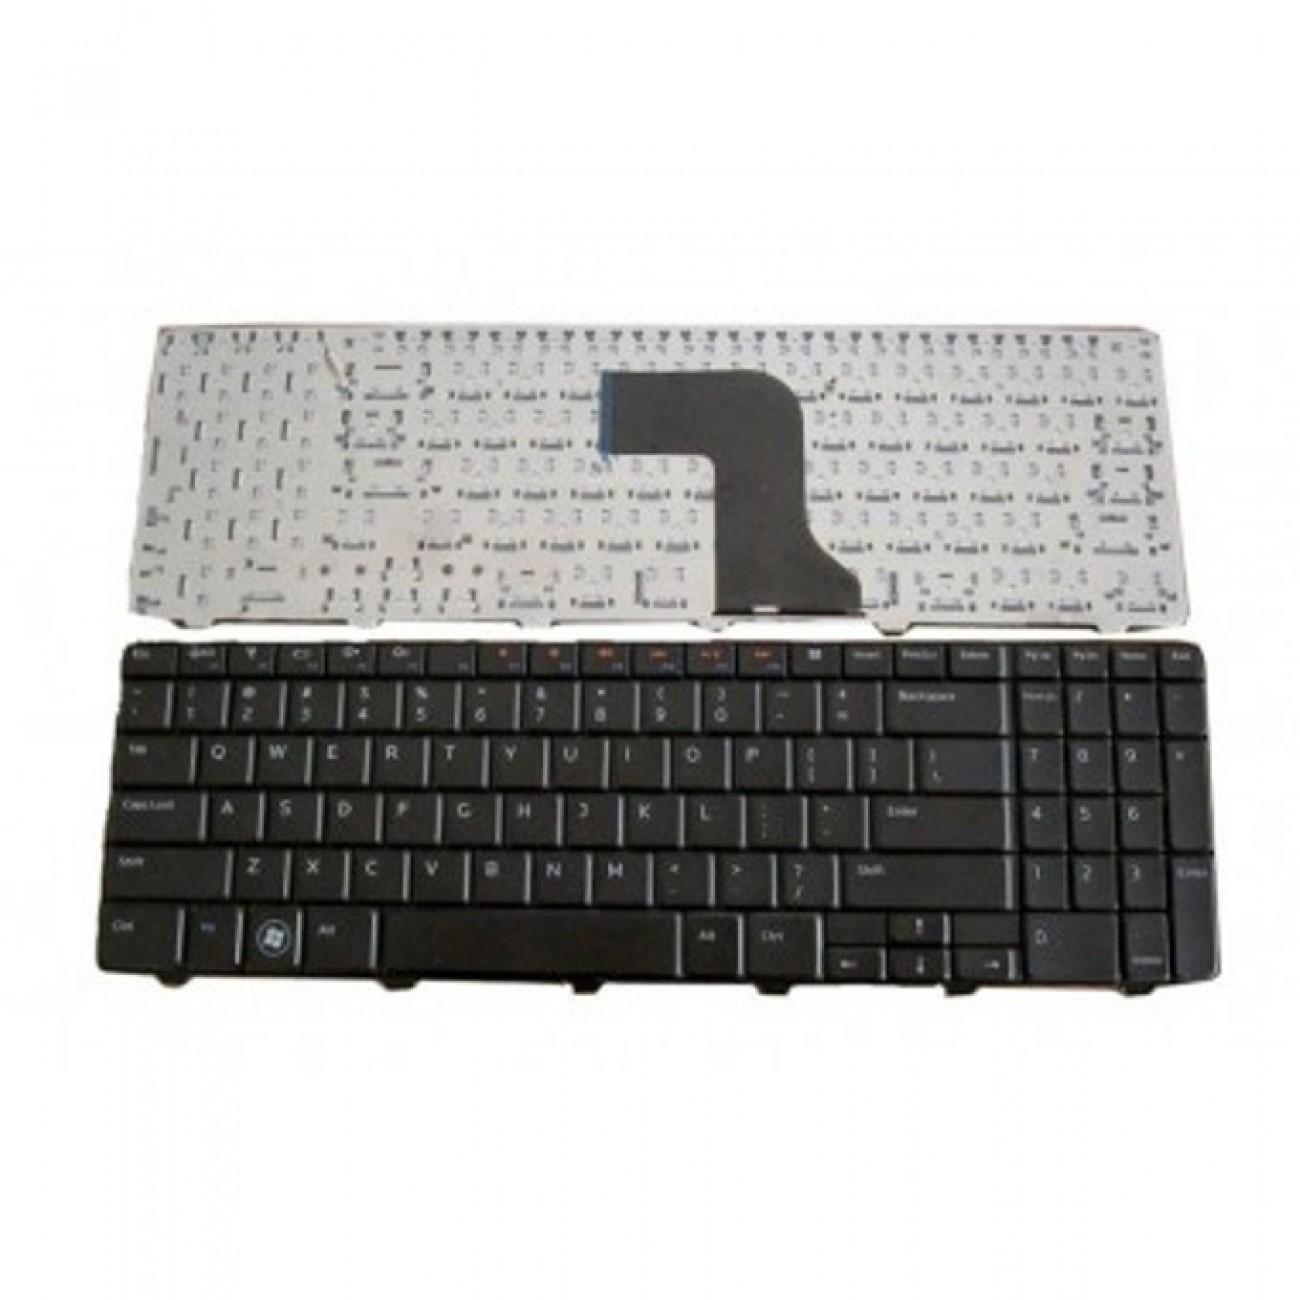 Клавиатура за Dell Inspiron, съвместима с N5010/M5010, Black UK с КИРИЛИЦА в Резервни части -  | Alleop